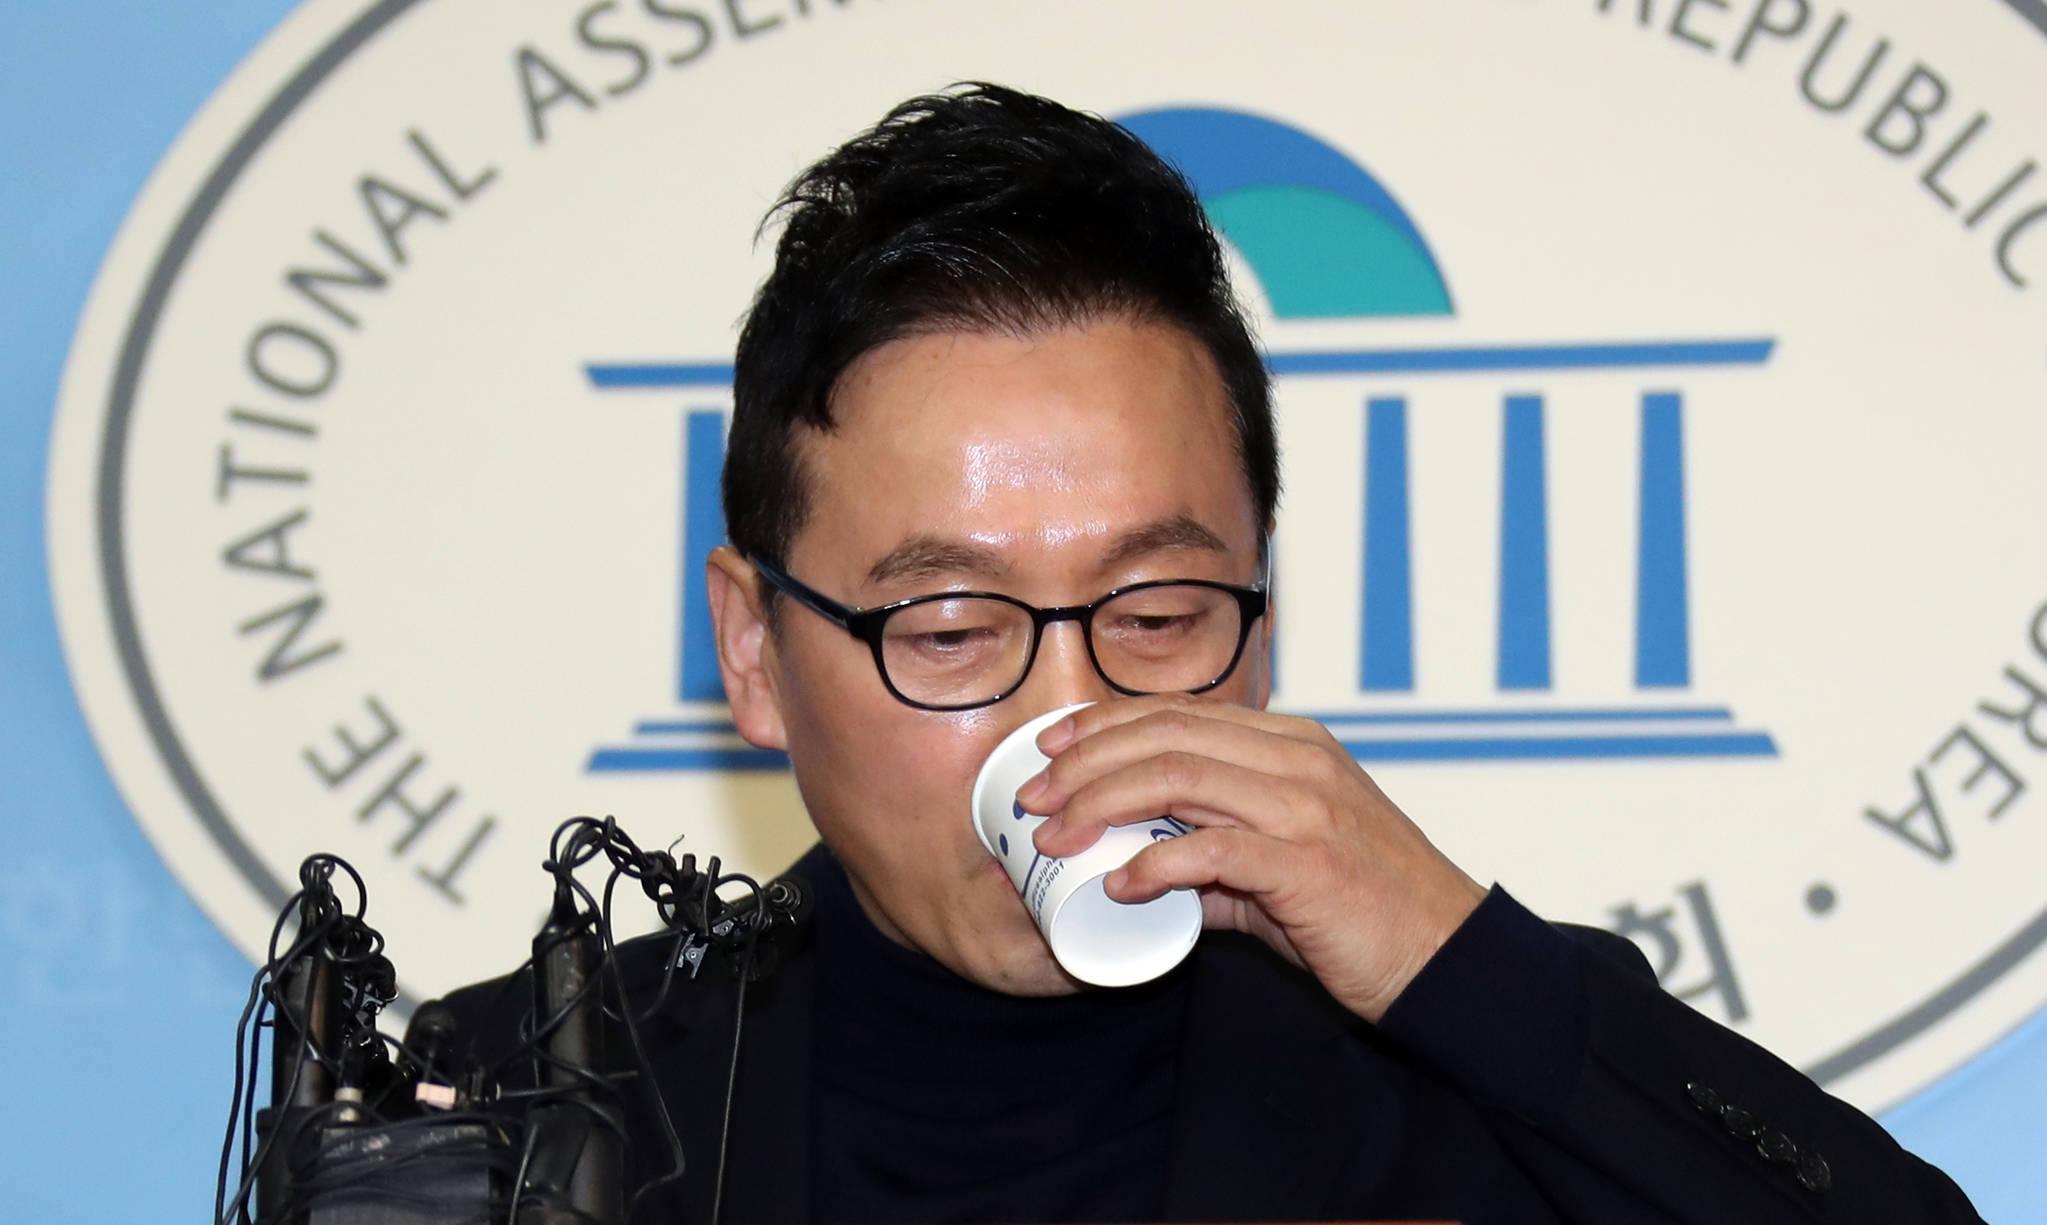 정봉주 더불어민주당 전 의원이 12일 국회 정론관에서 자신의 성추행 의혹 보도와 관련, 반박 기자회견을 했다. 정봉주 전 의원이 회견 도중 물을 마시고 있다. [중앙포토]